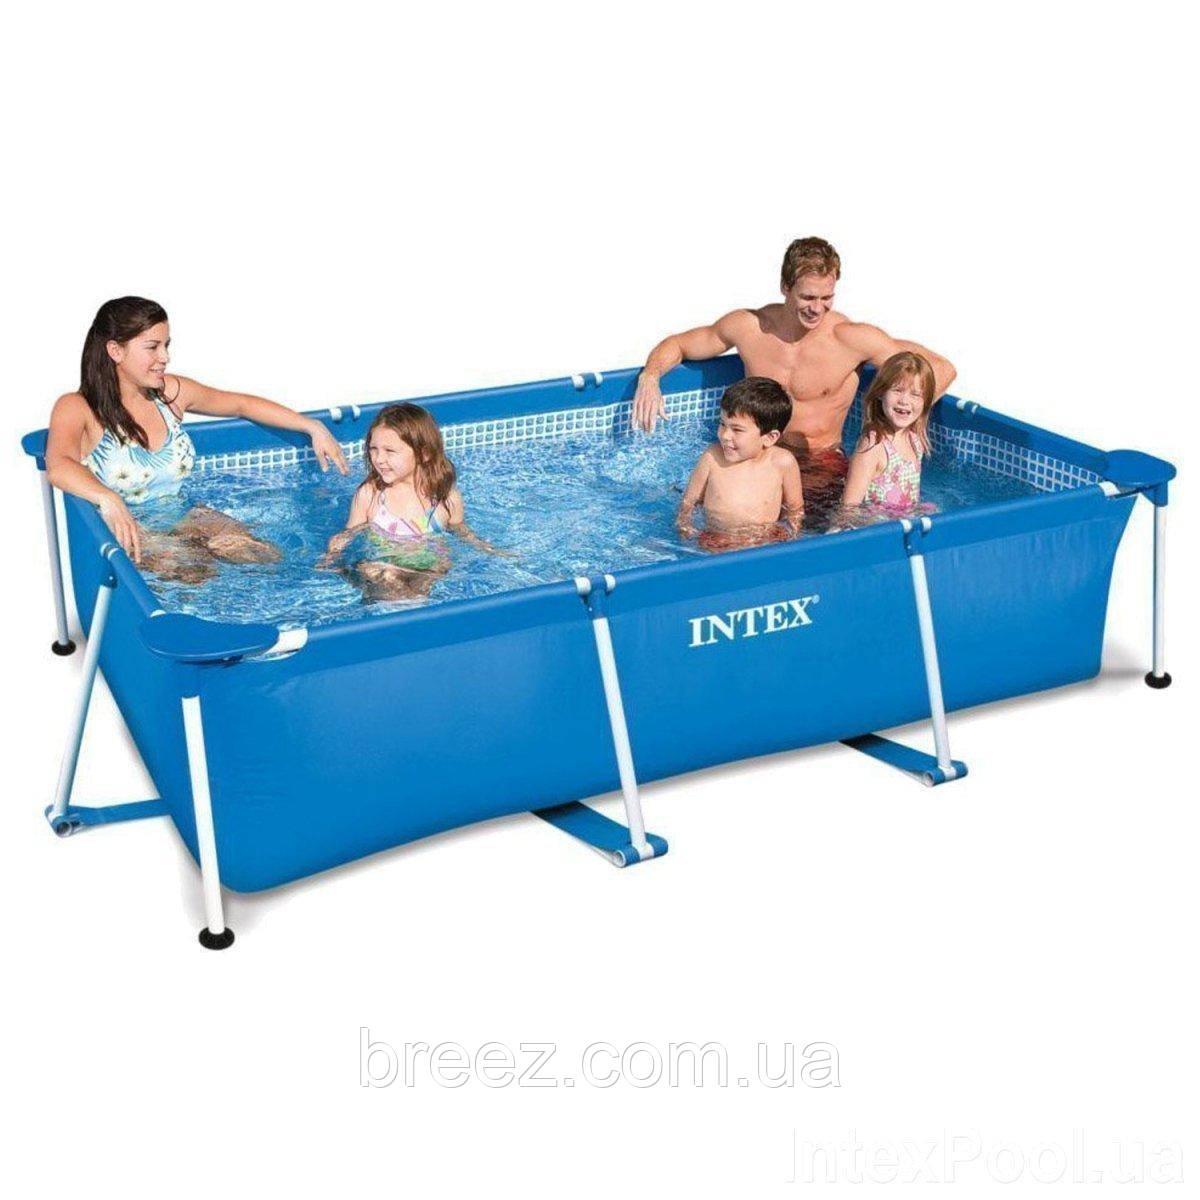 Каркасный бассейн Intex 300 х 200 х 75 см